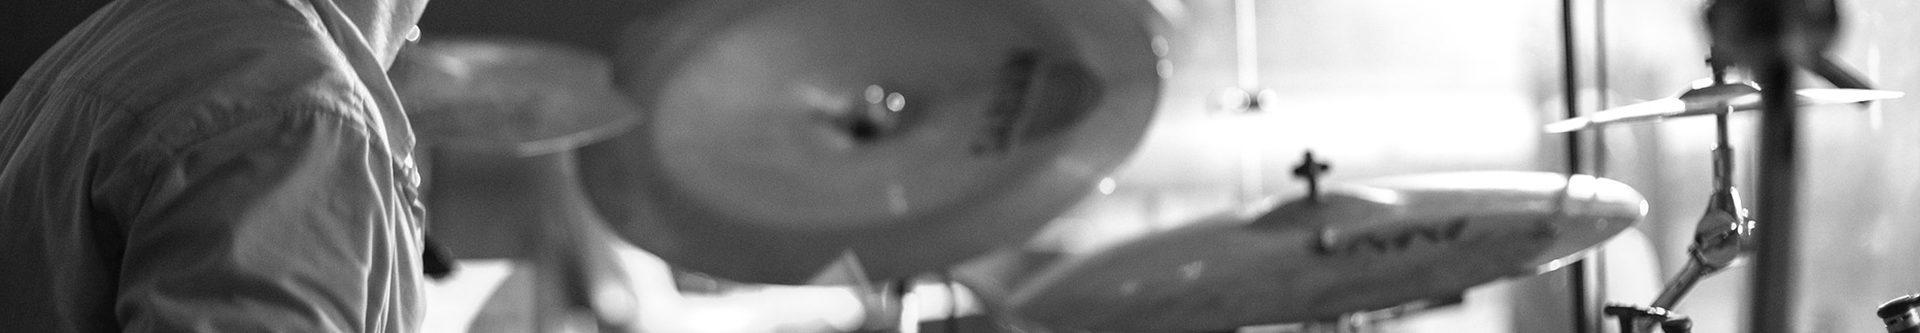 drum soundfonts